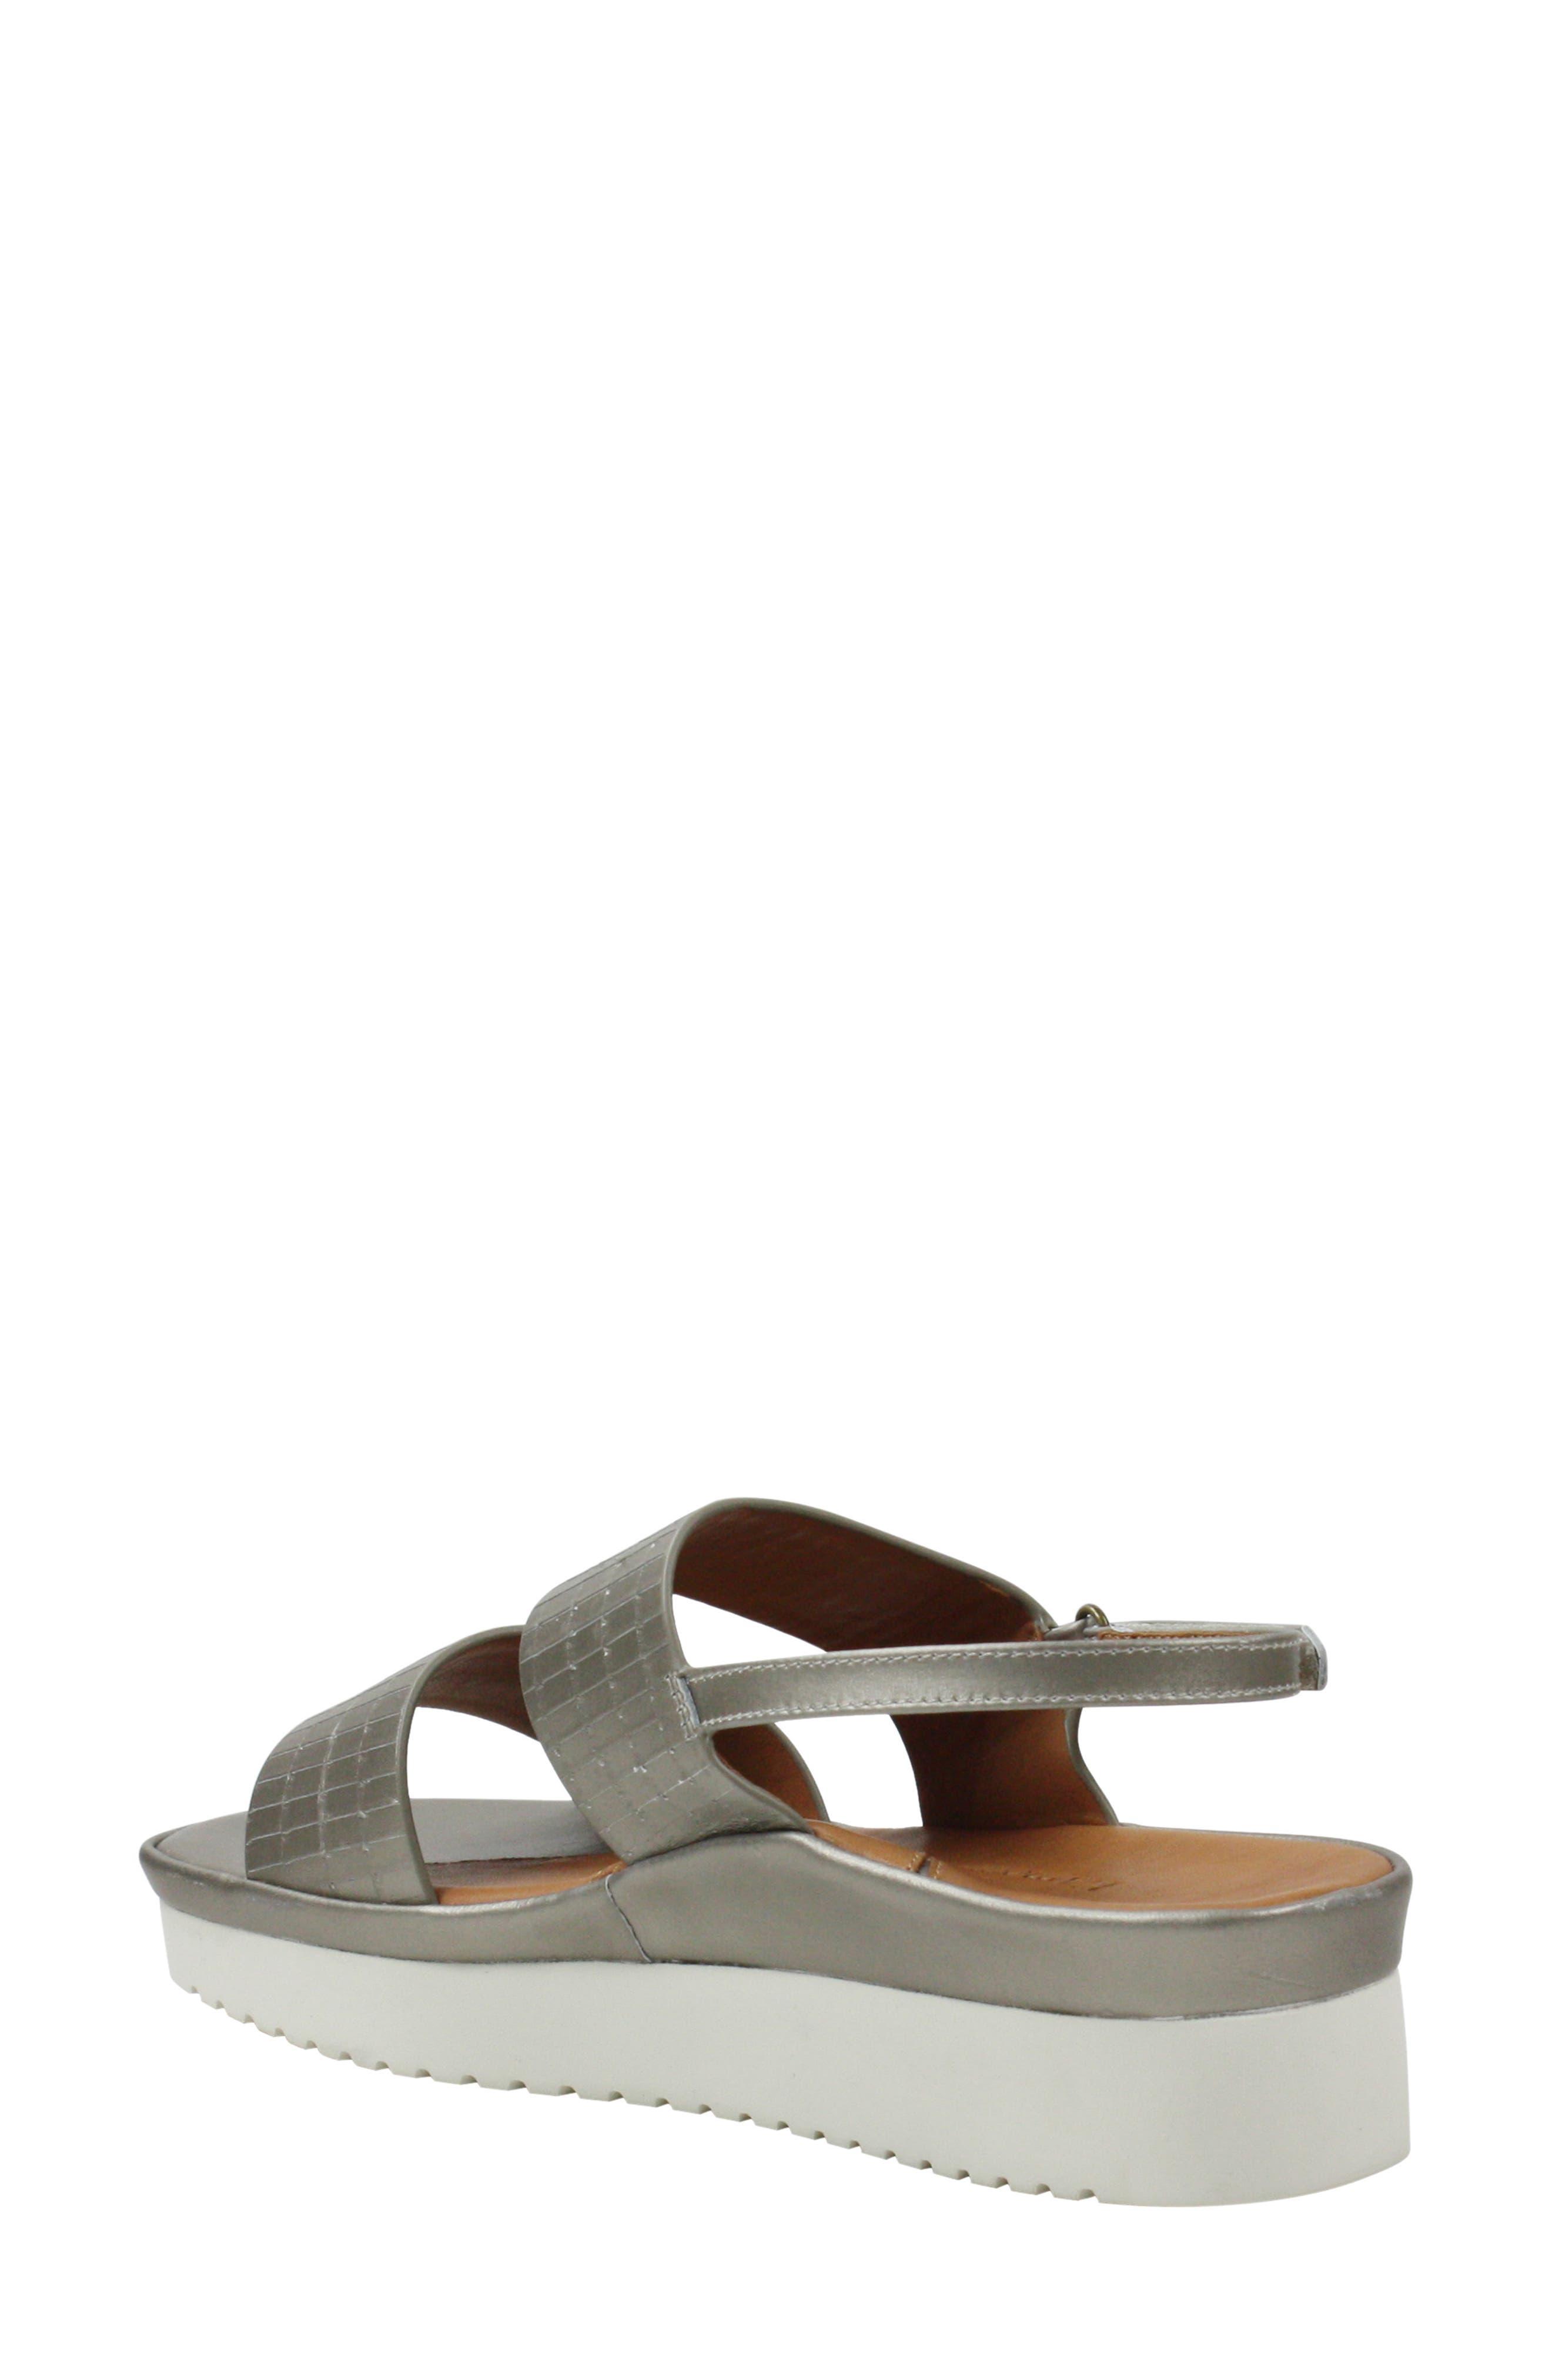 L'AMOUR DES PIEDS, Abruzzo Slingback Platform Wedge Sandal, Alternate thumbnail 2, color, PEARLIZED PLATINUM LEATHER